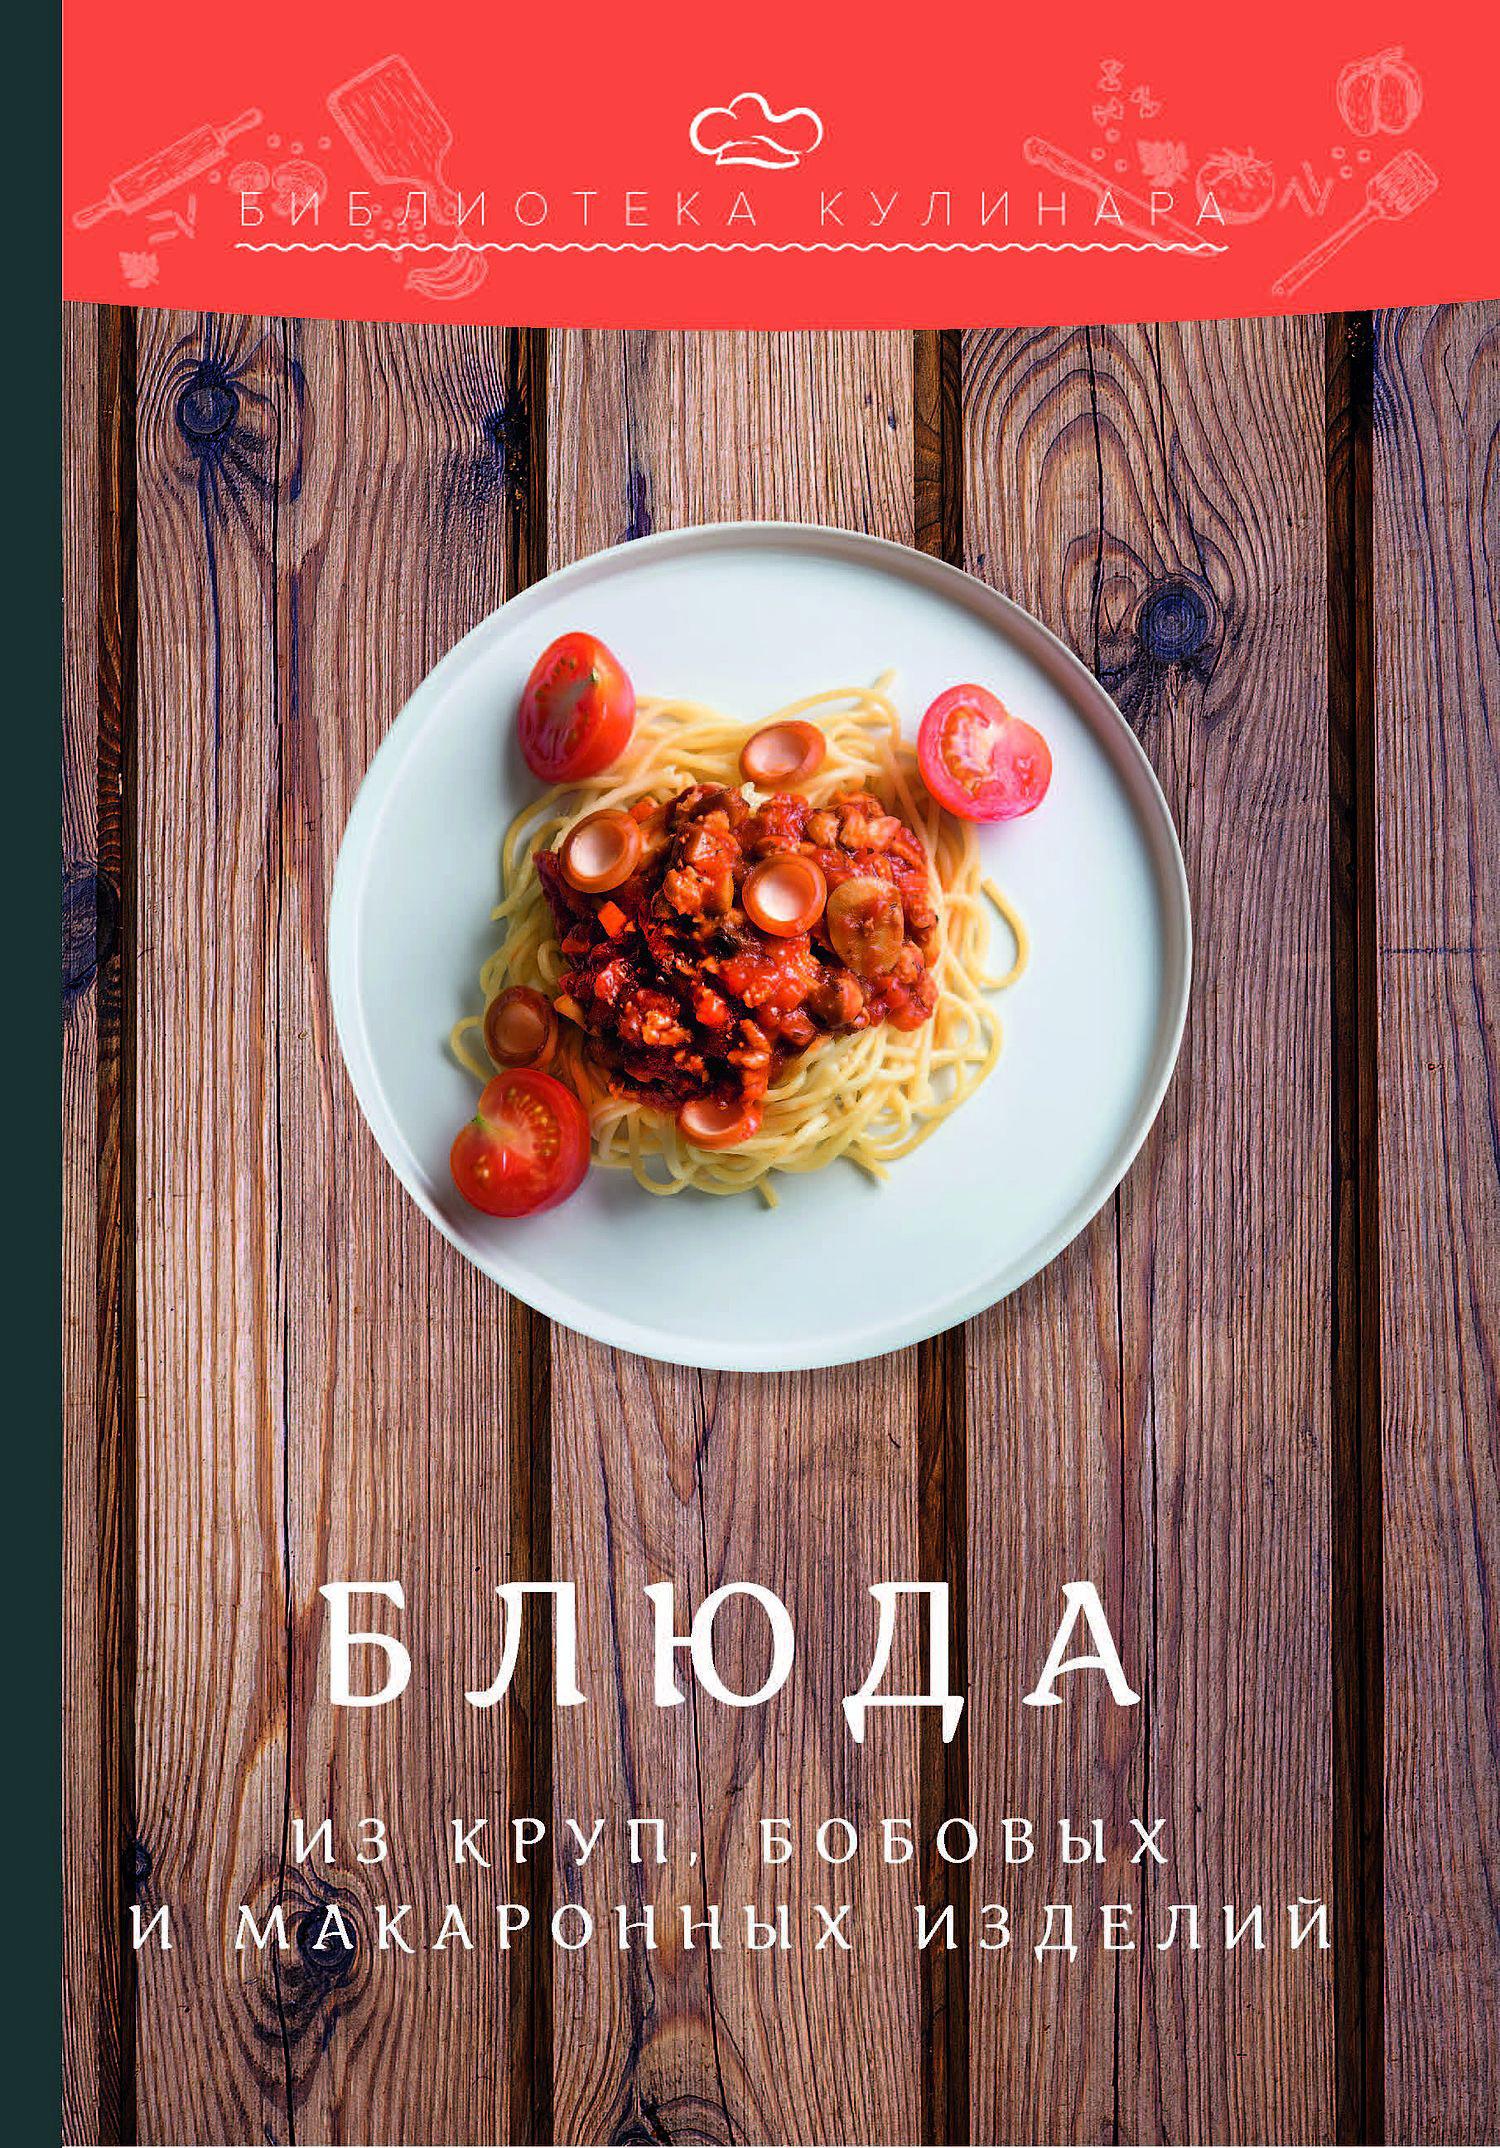 Блюда из круп, бобовых и макаронных изделий